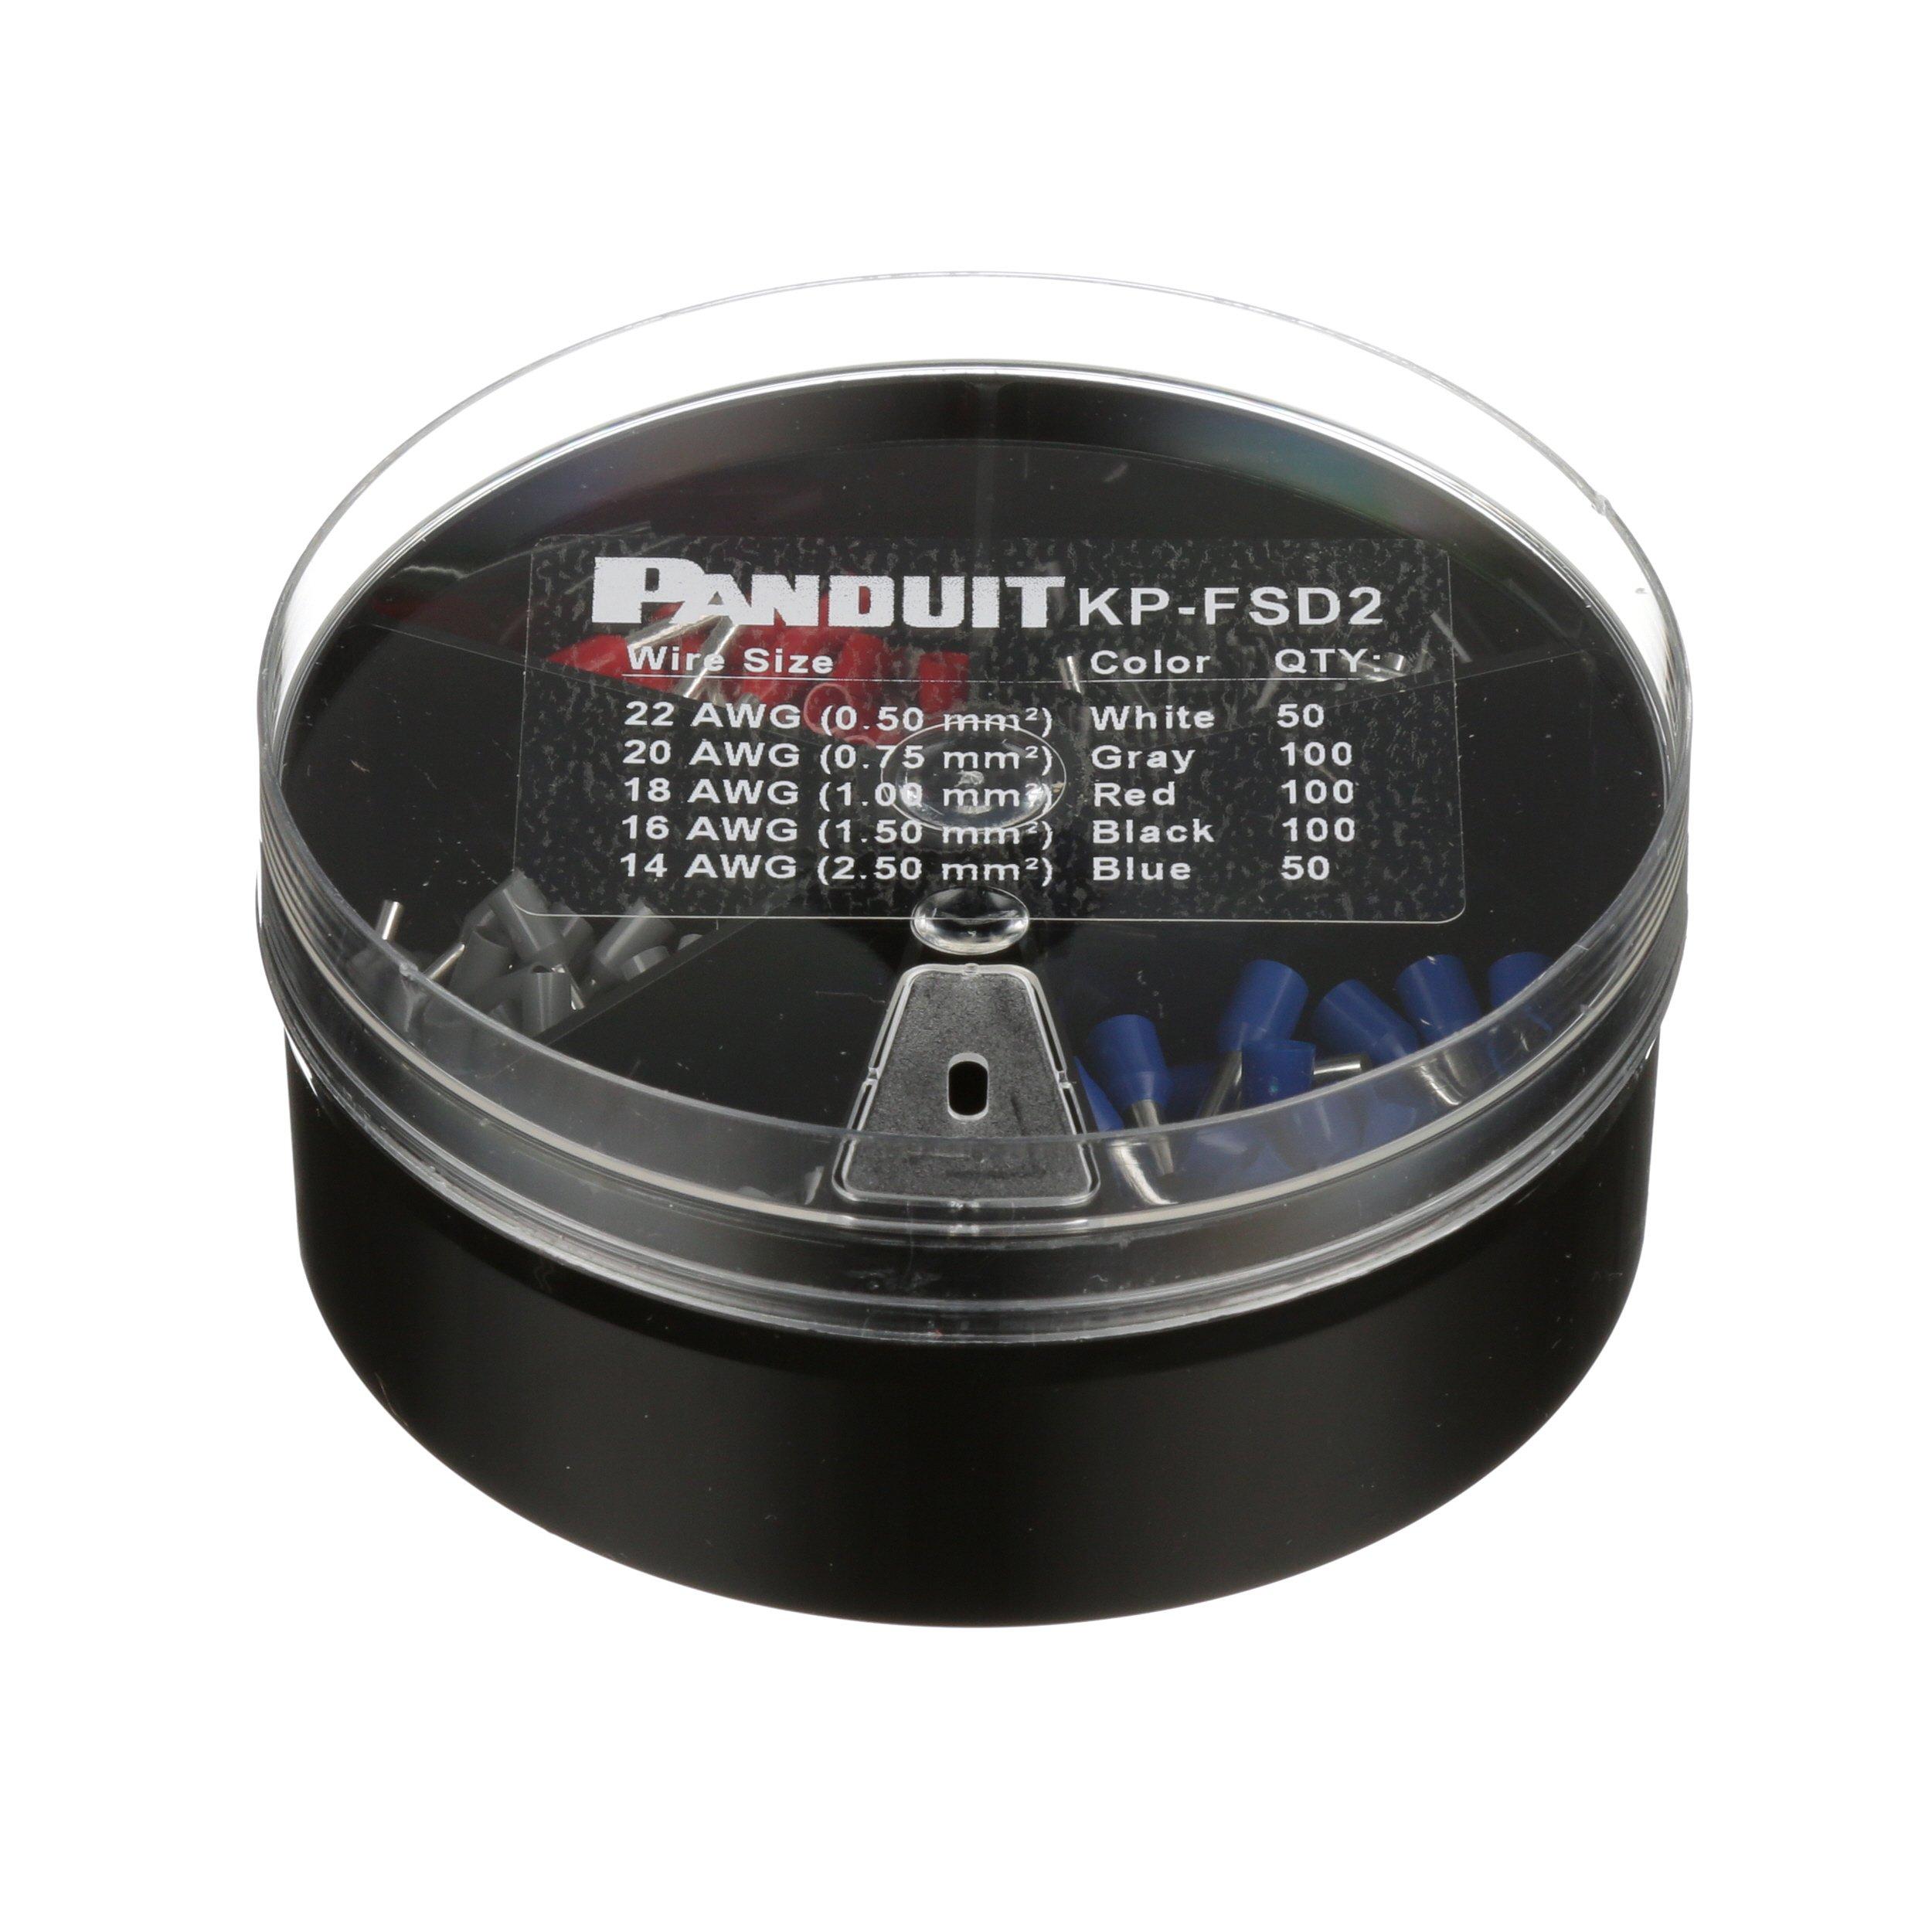 Panduit KP-FSD2 Vinyl Insulated Ferrule Kit, #22 - 14 AWG